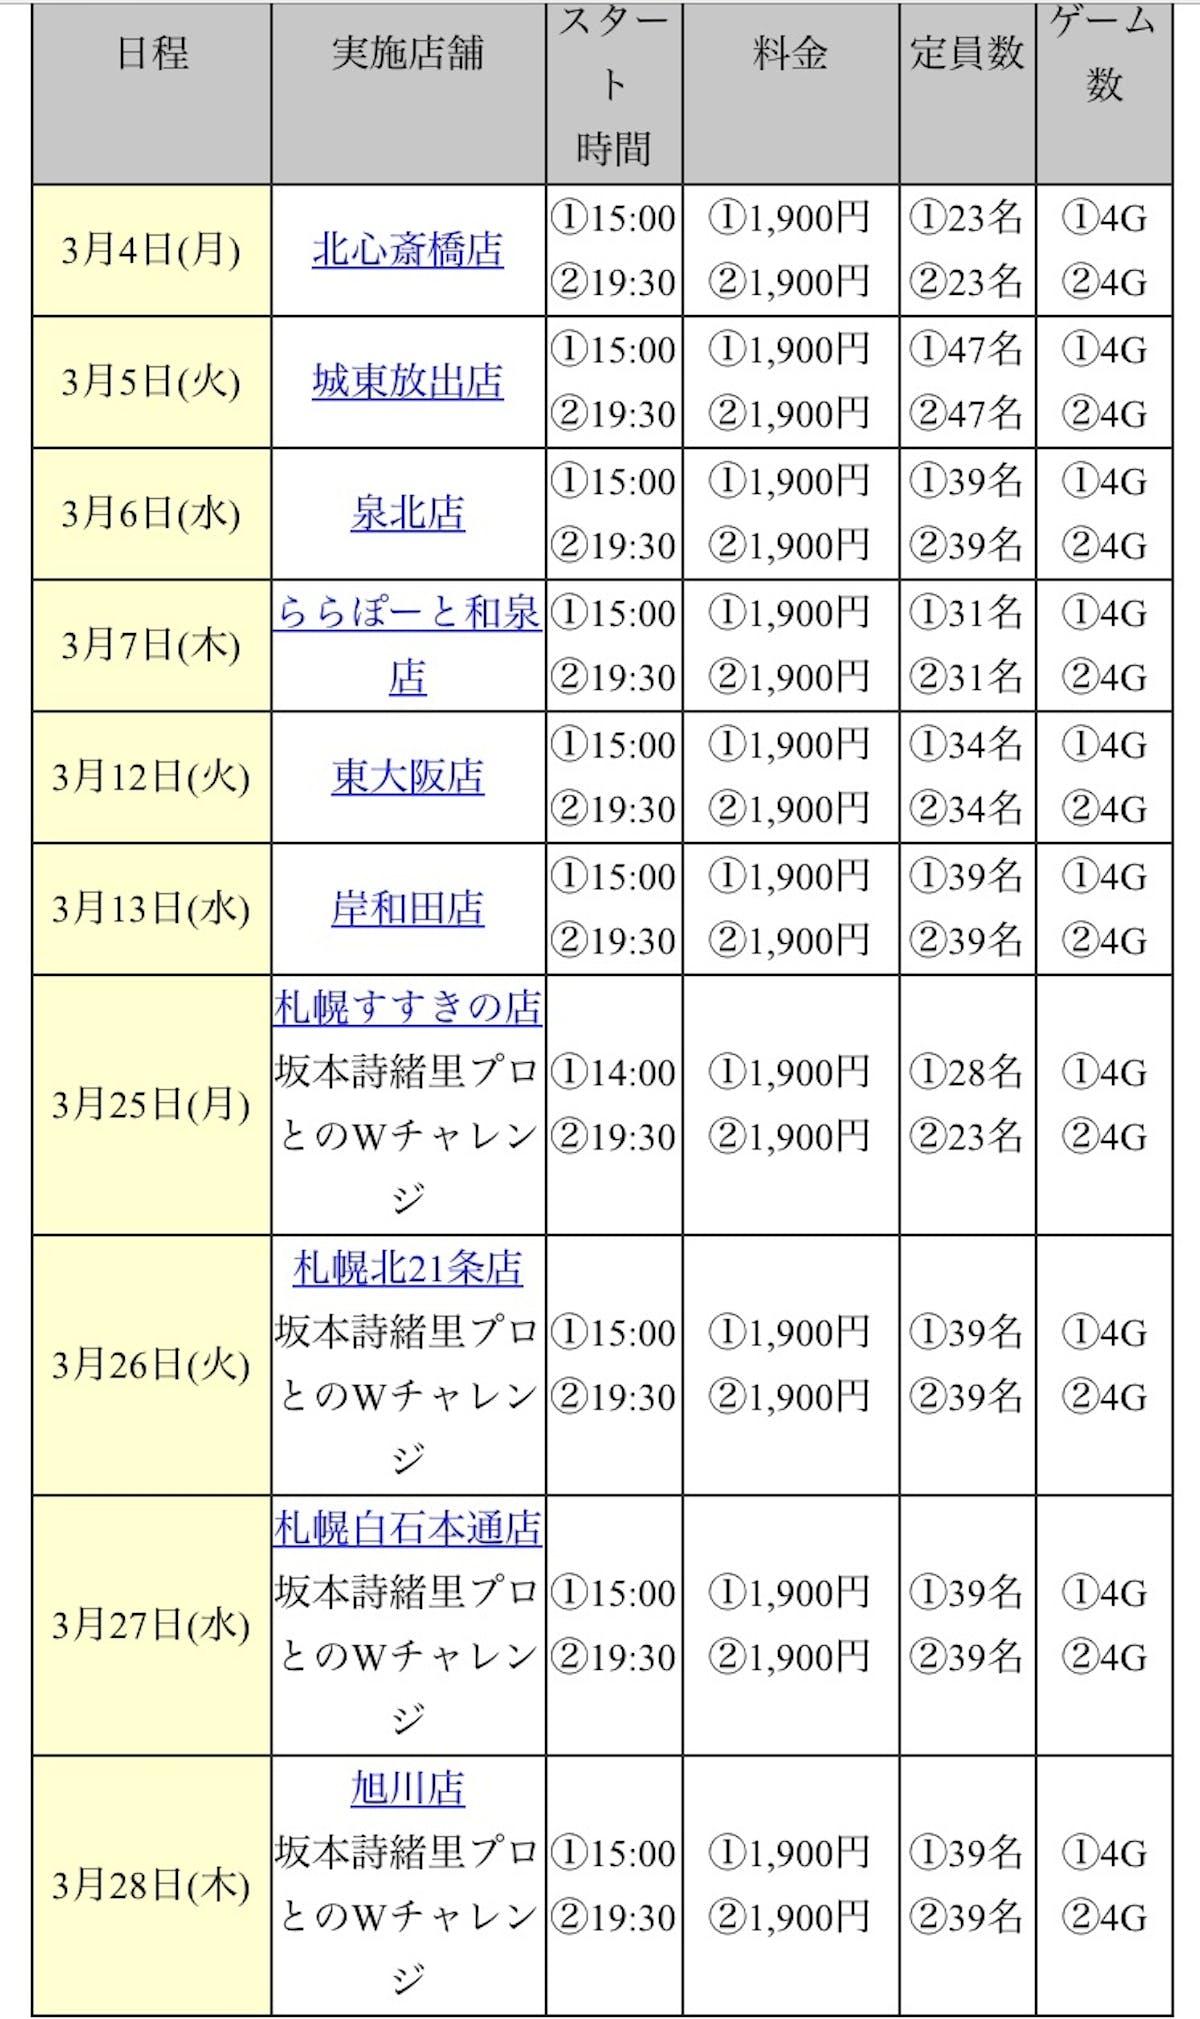 7AC93FFB-5FE4-4AD9-901B-568678359DEC.jpeg